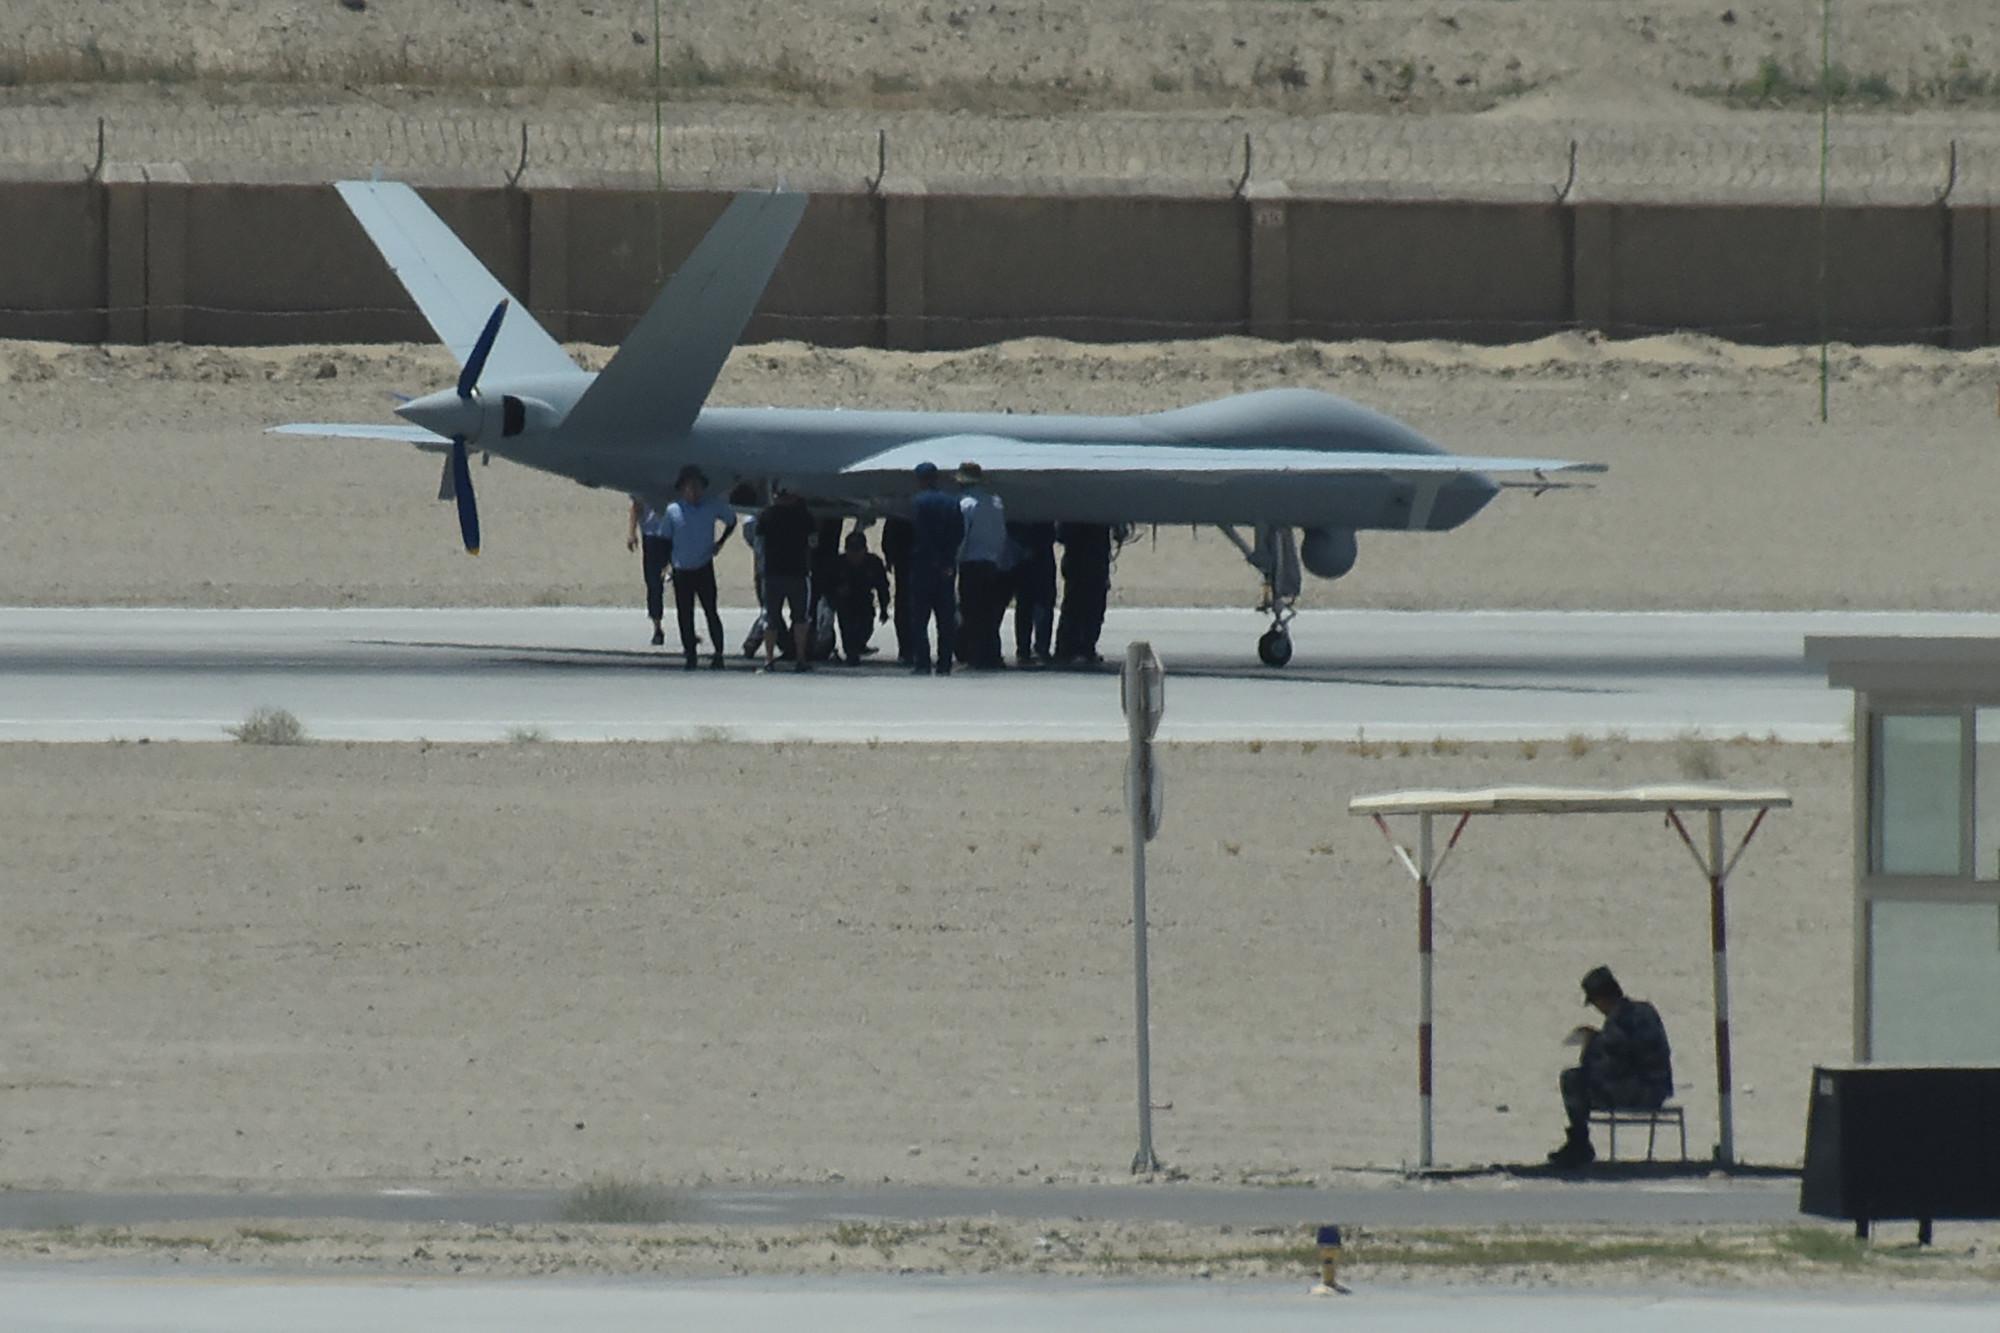 性能太差? 約旦空軍出售已購入中製無人機